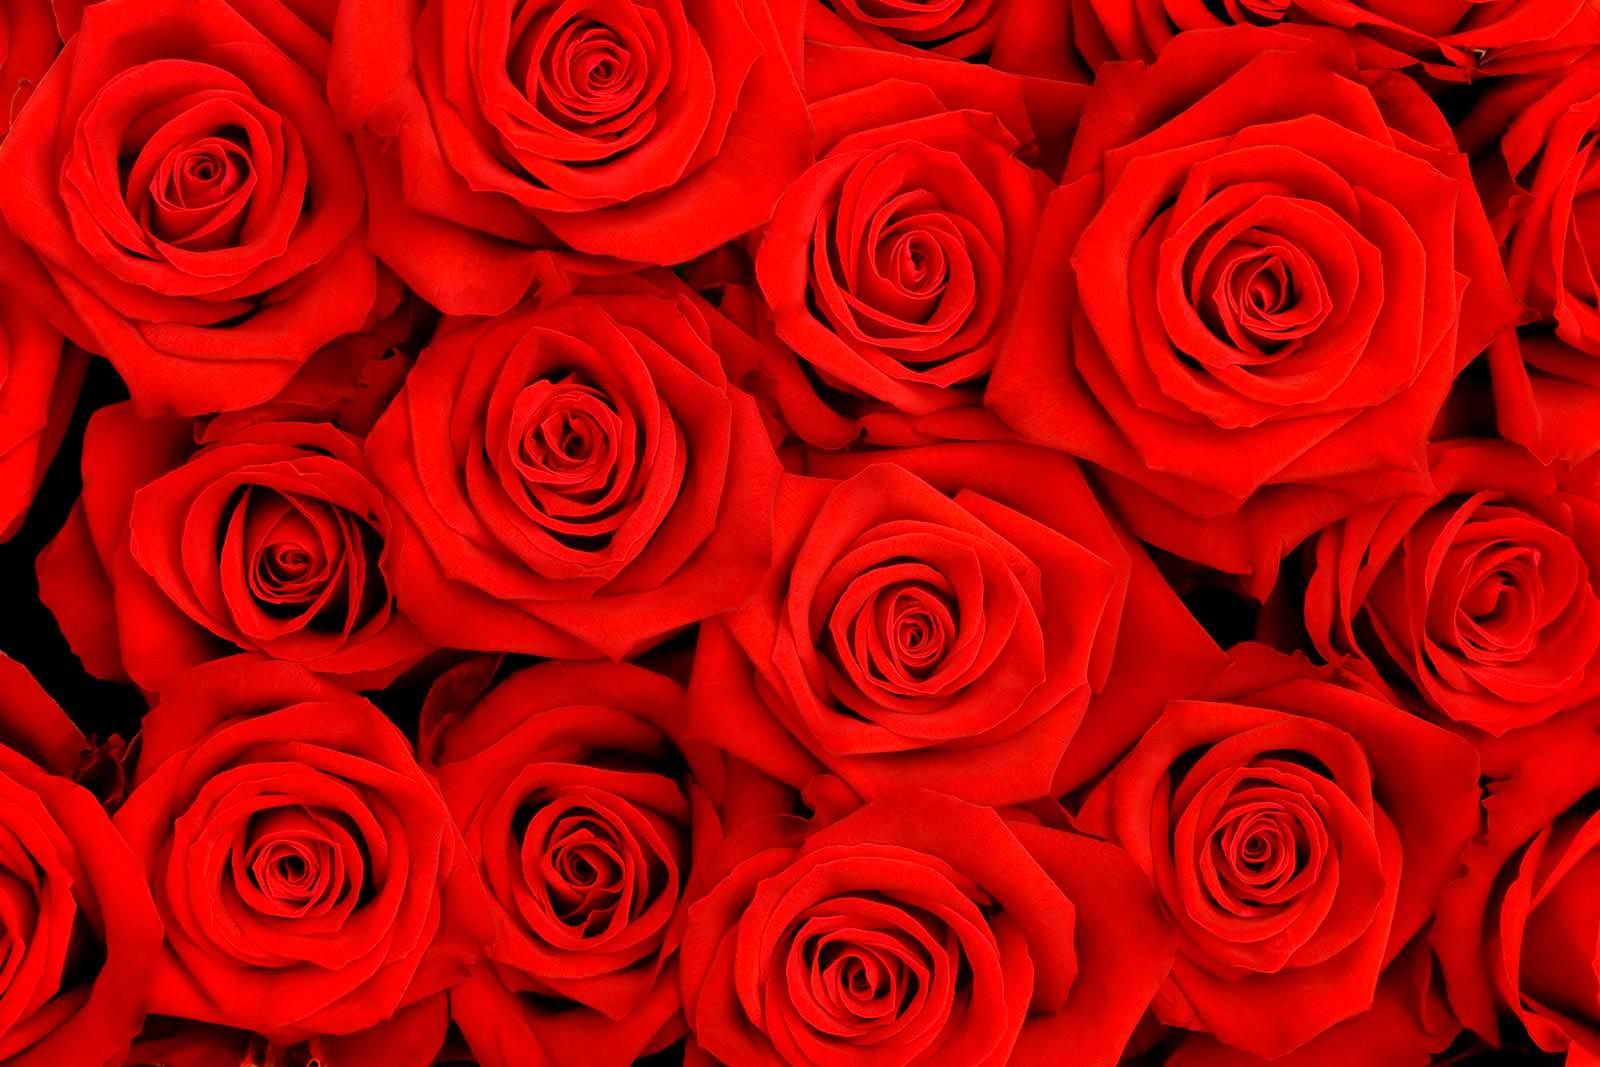 сразу, что картинки алые розы большие актриса сменила имидж